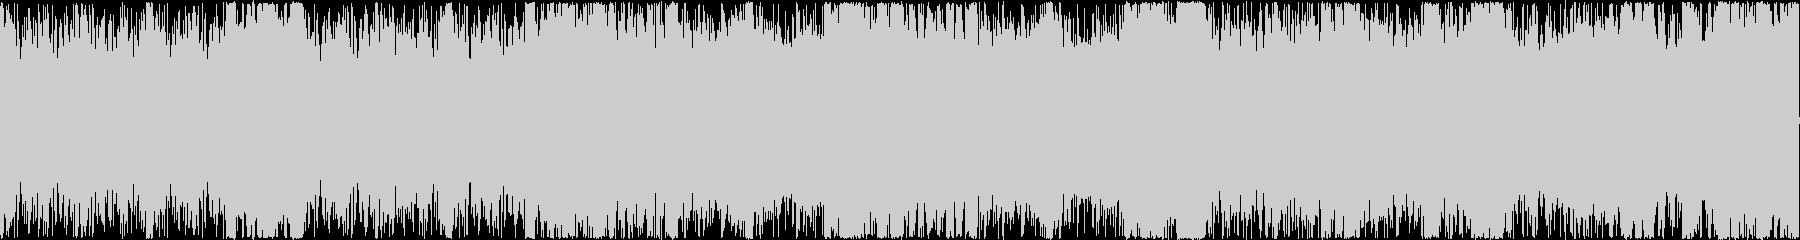 明るく軽快で豪快なオーケストラル ループの未再生の波形